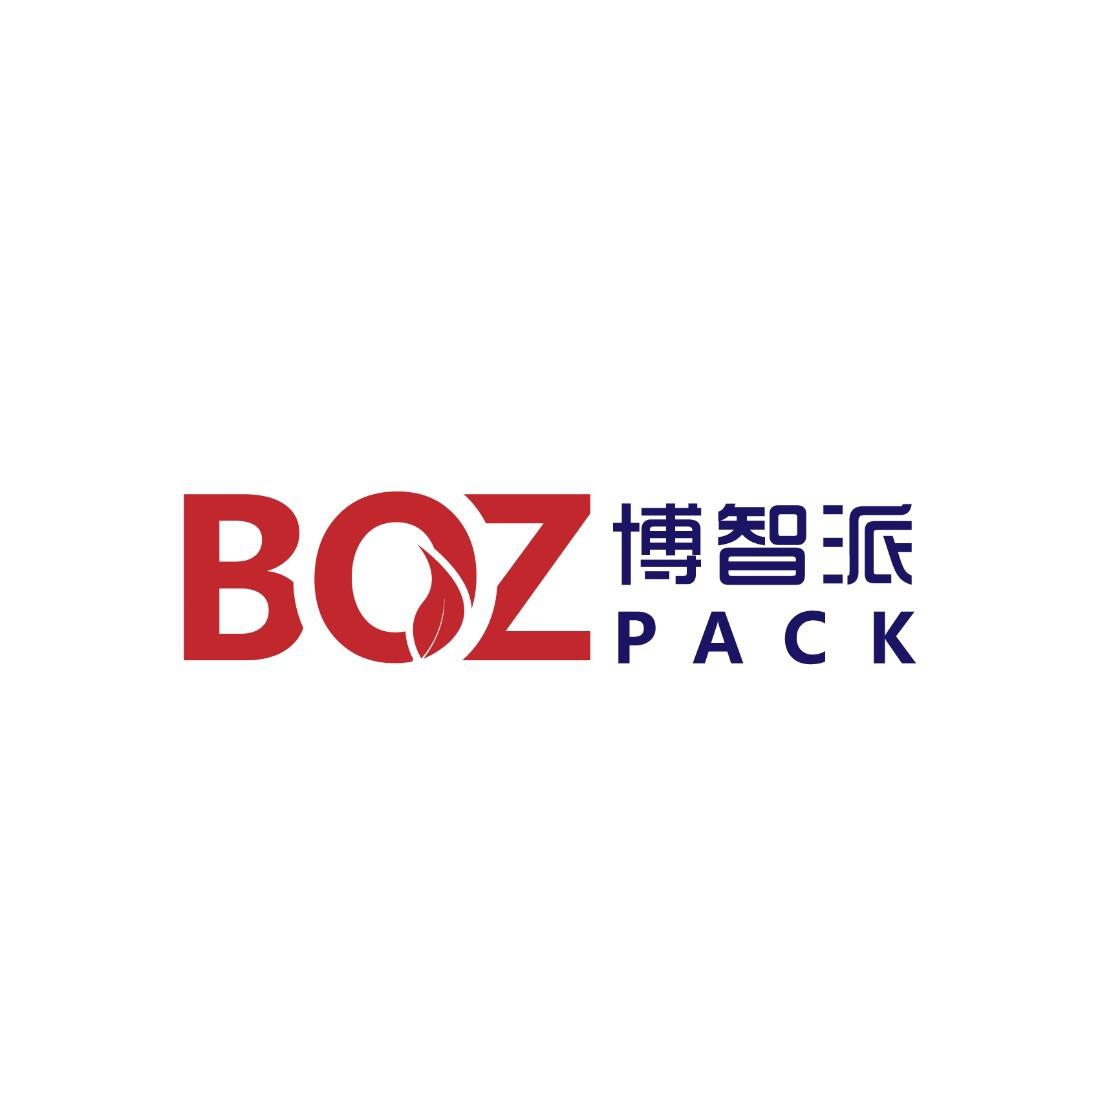 深圳市博智派科技有限公司